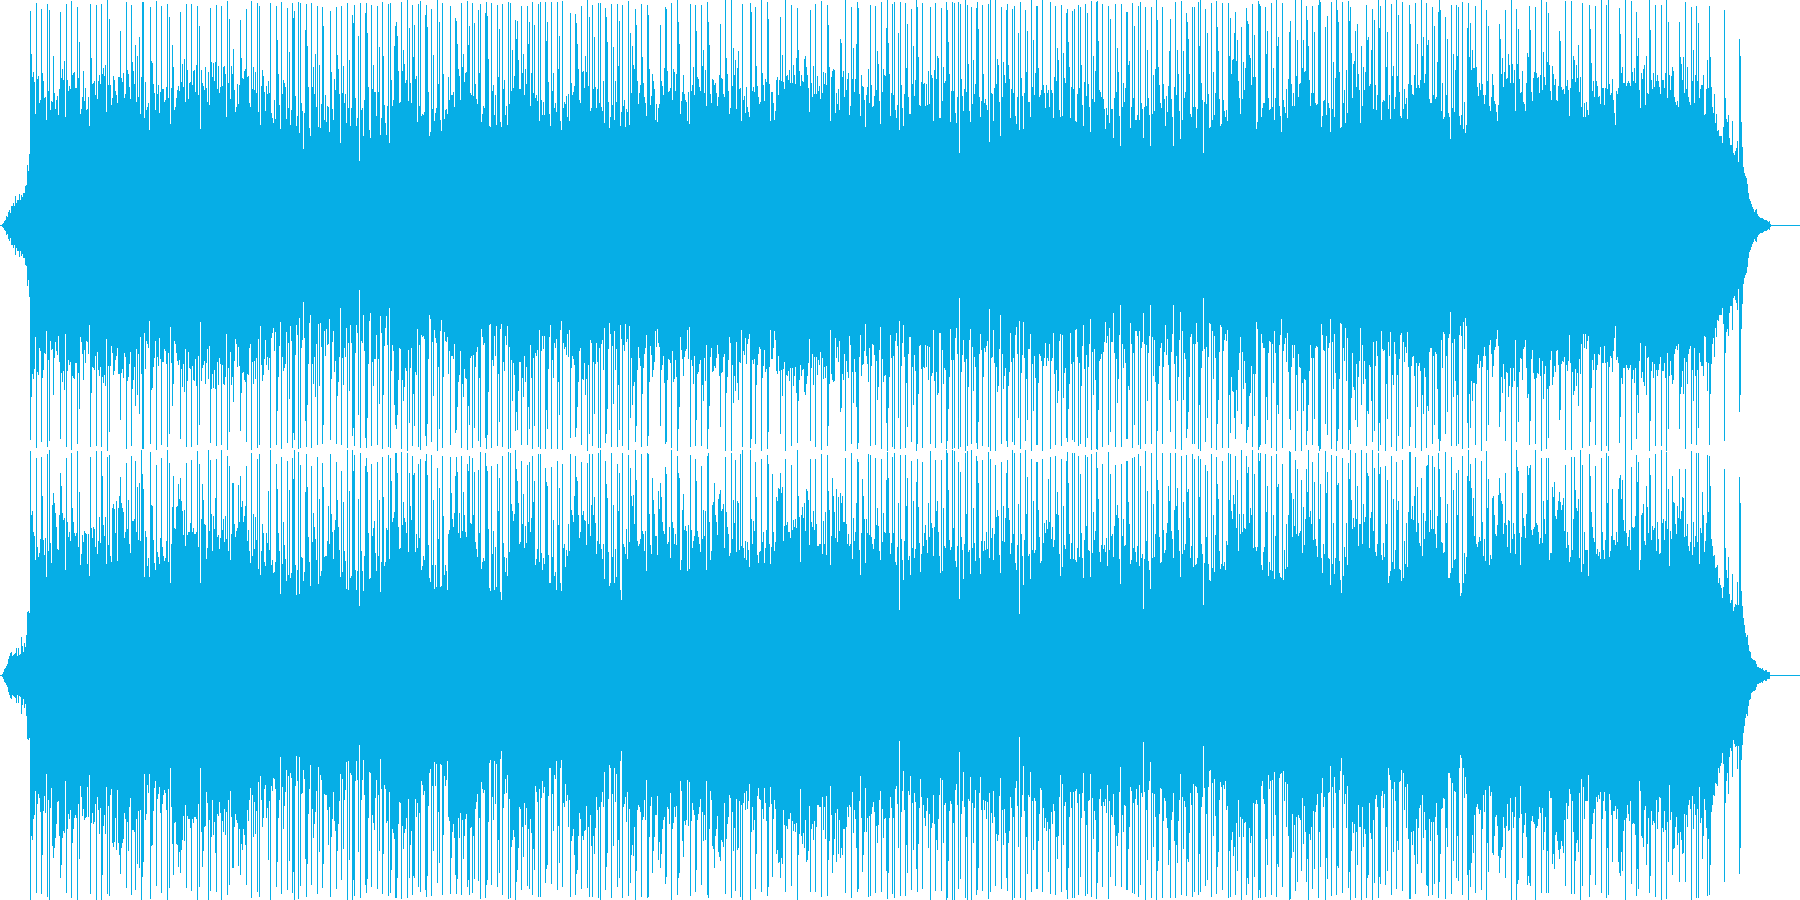 メタル風ギターサウンドと和楽器の曲の再生済みの波形